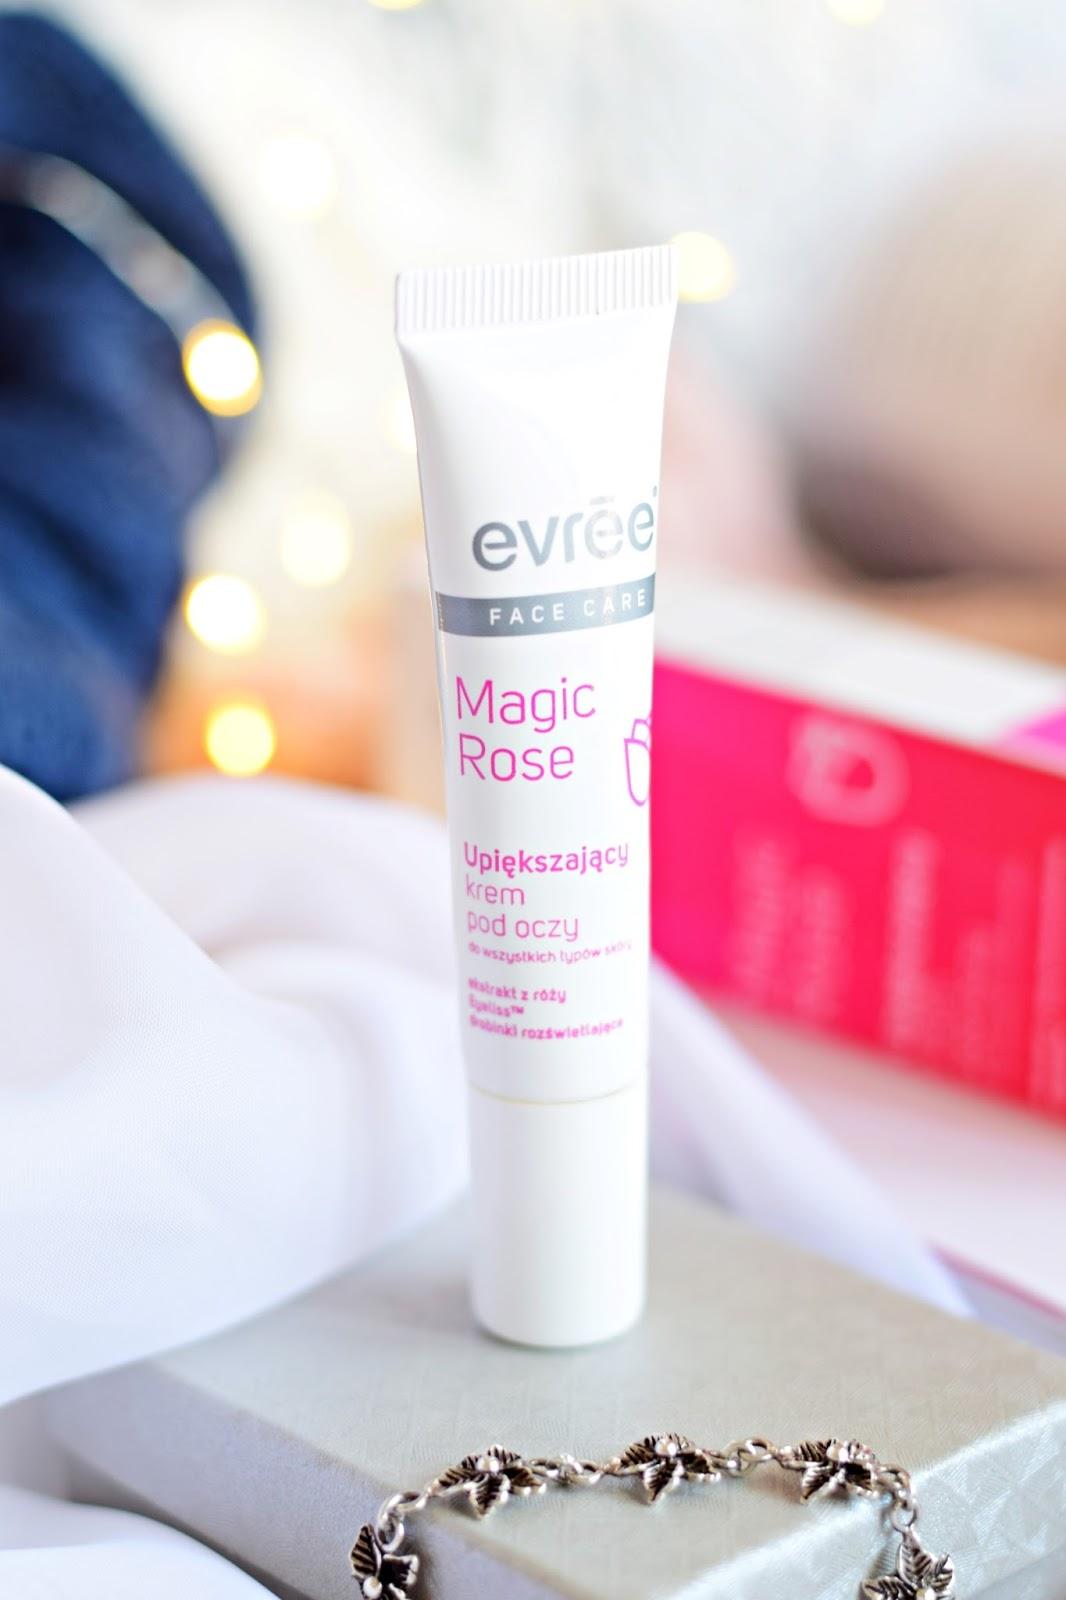 evree_magic_rose_krem_pod_oczy_rozświetlający_pod_makijaż_na_dzień)blog